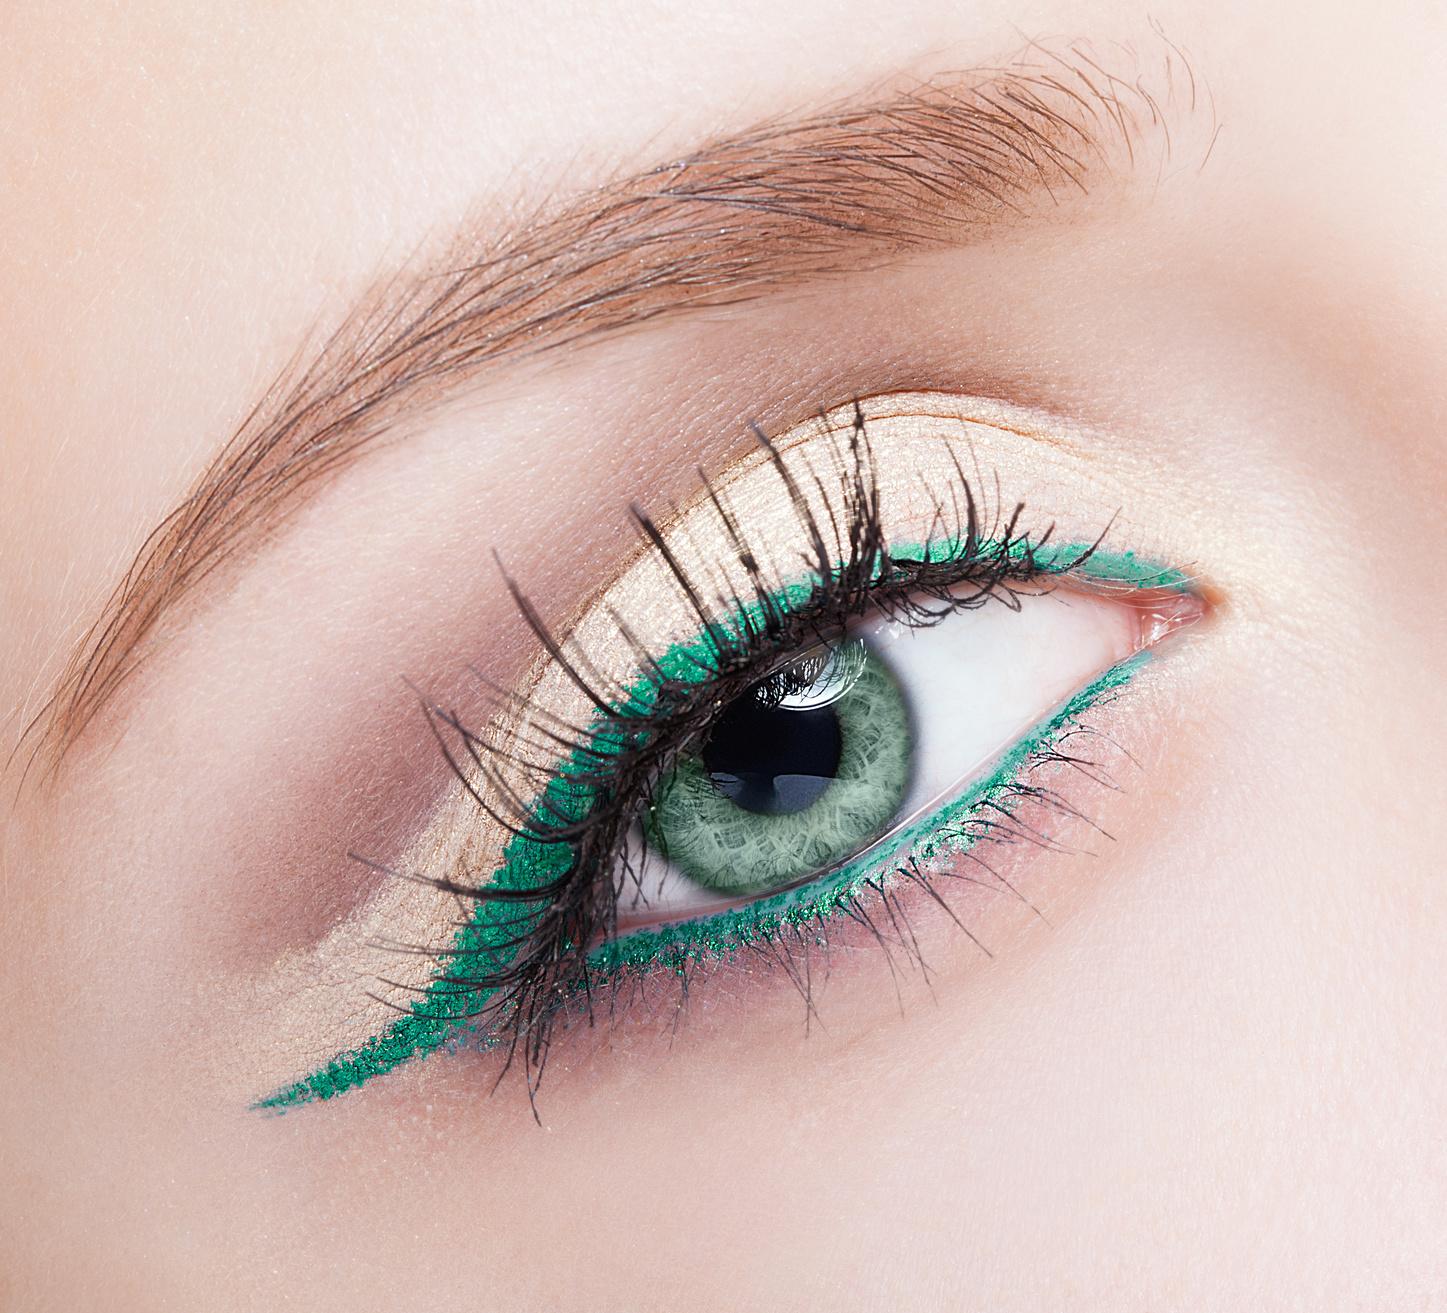 Makijaż oczu bez użycia cieni – podkreśl spojrzenie kolorowym eyelinerem